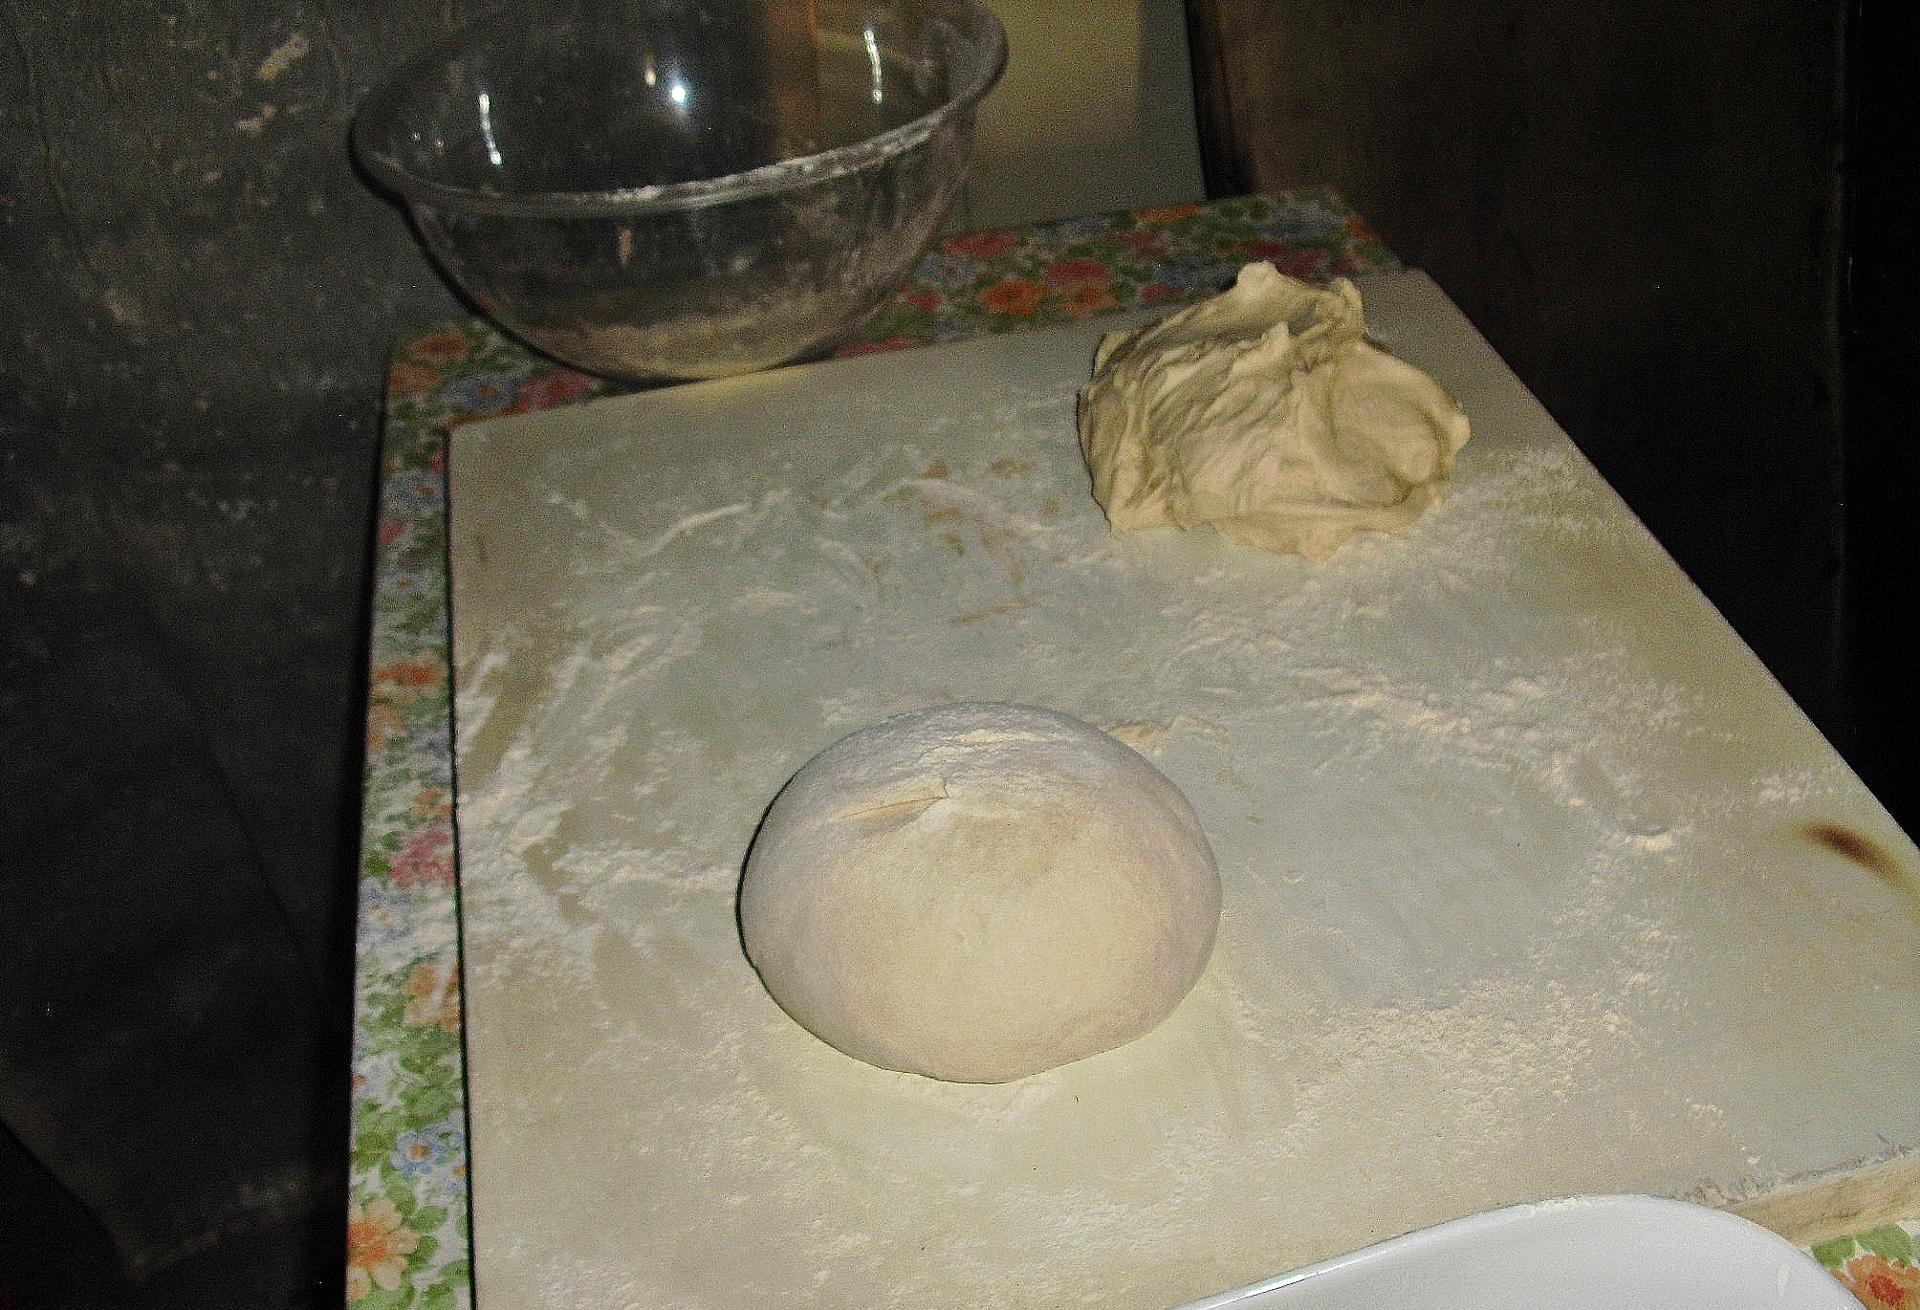 Le pain artisanal... tout un art